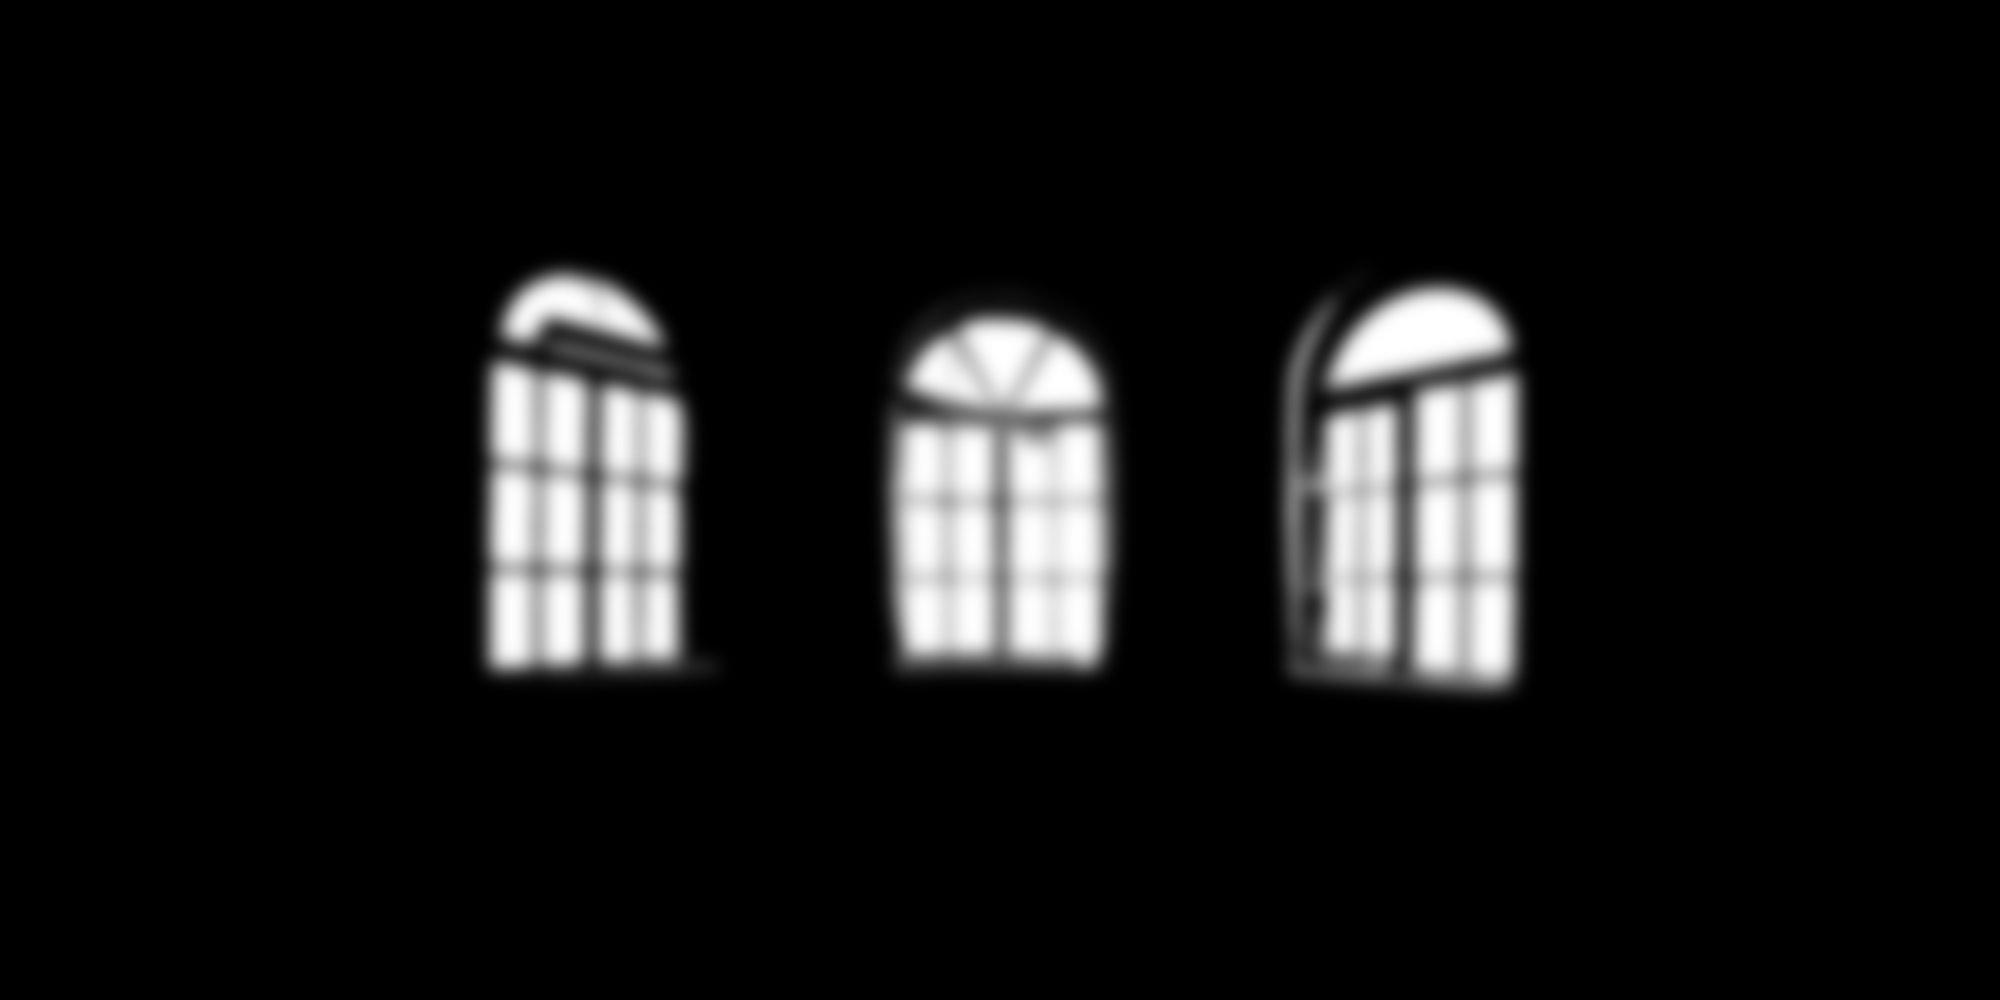 Archedwindows-blurred.jpg